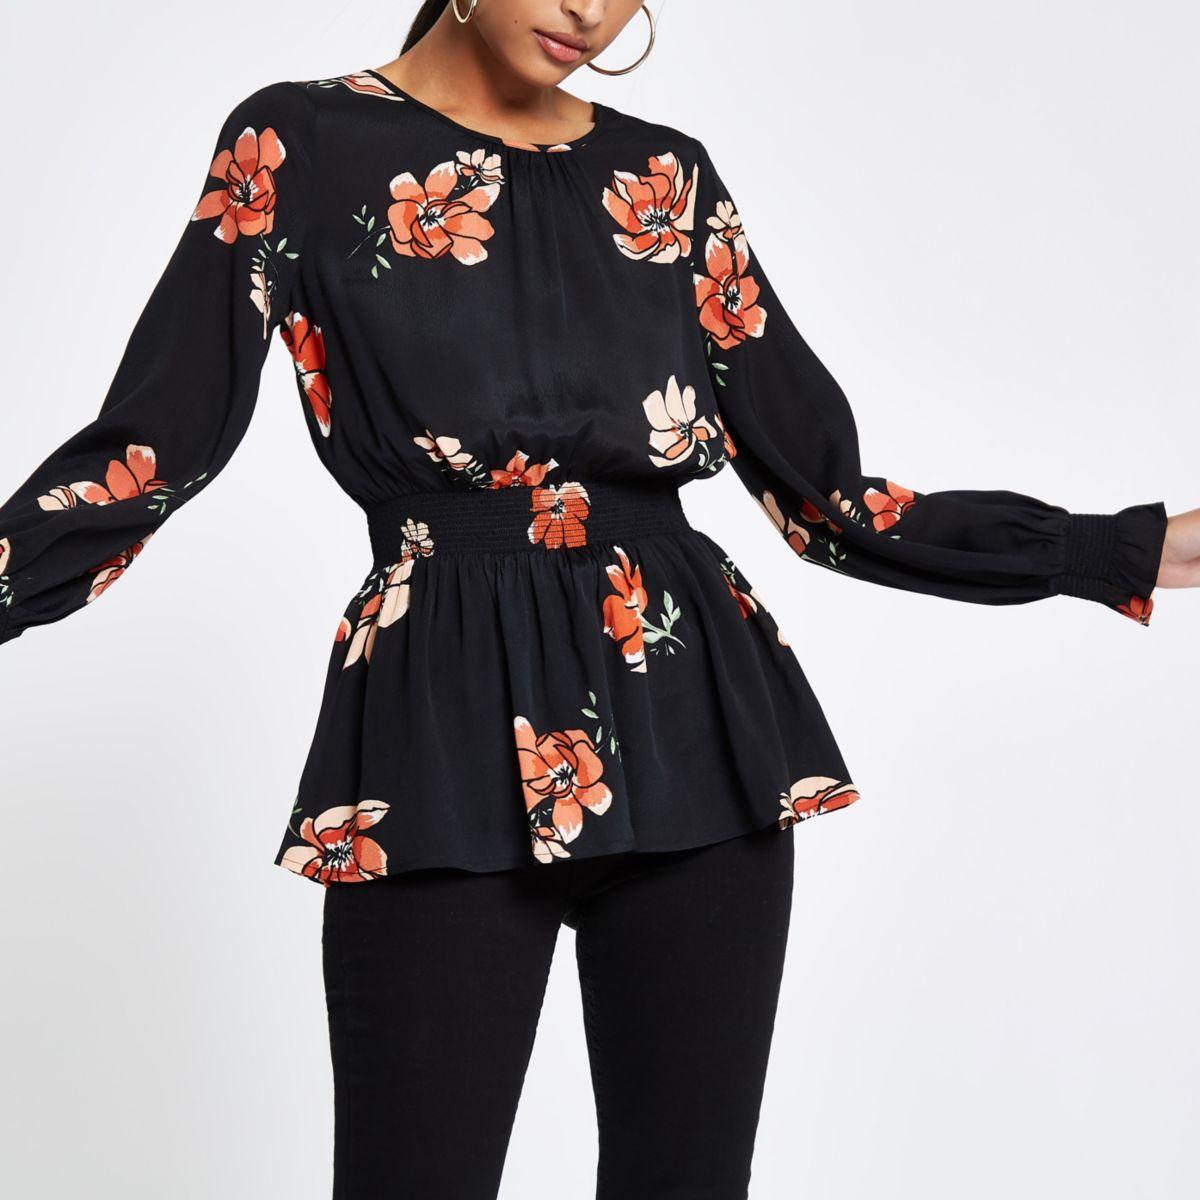 Zwarte blouse met bloemenprint en gesmokte taille